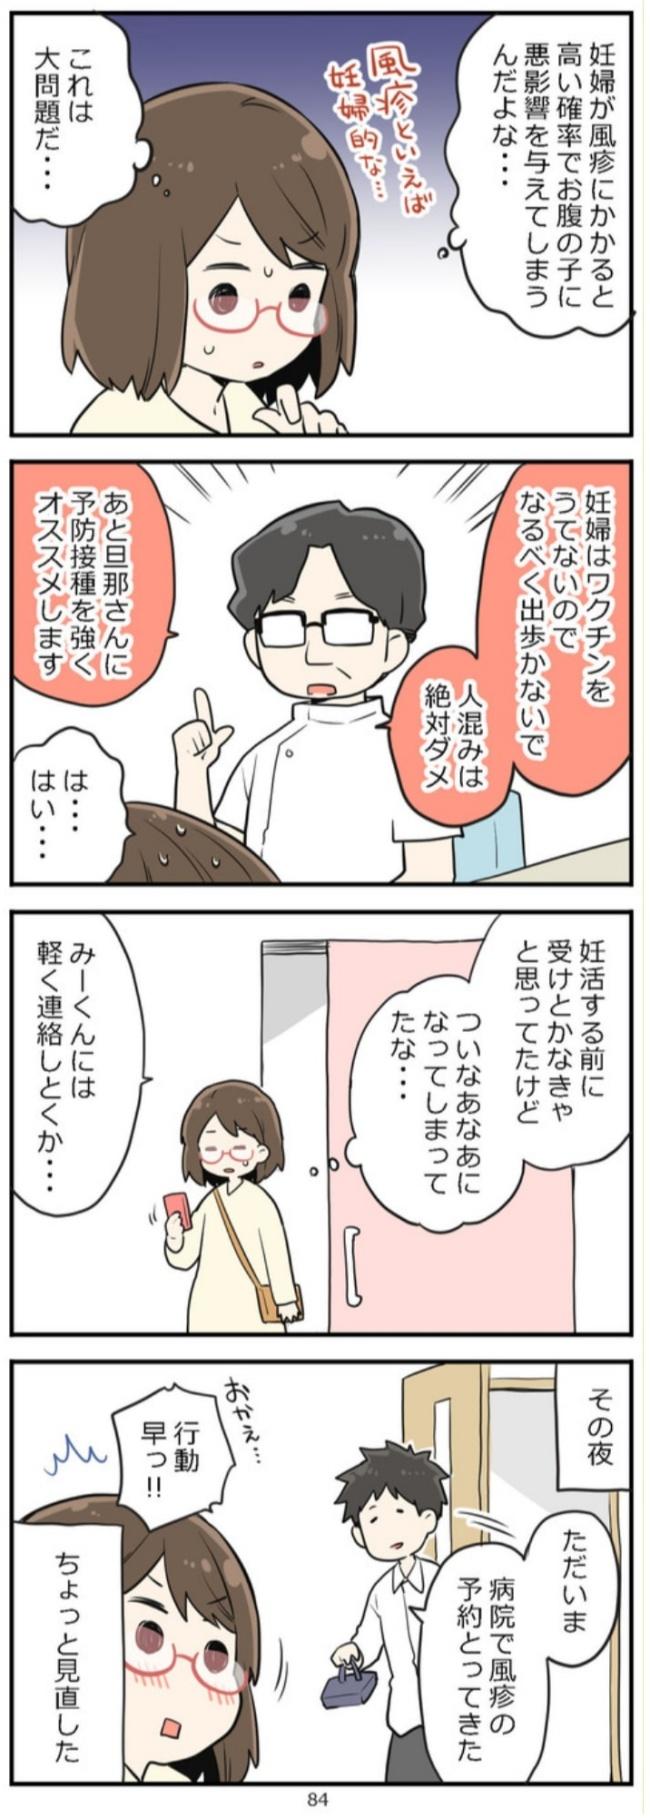 「妊活レベル1 まっふの冒険記」第84話